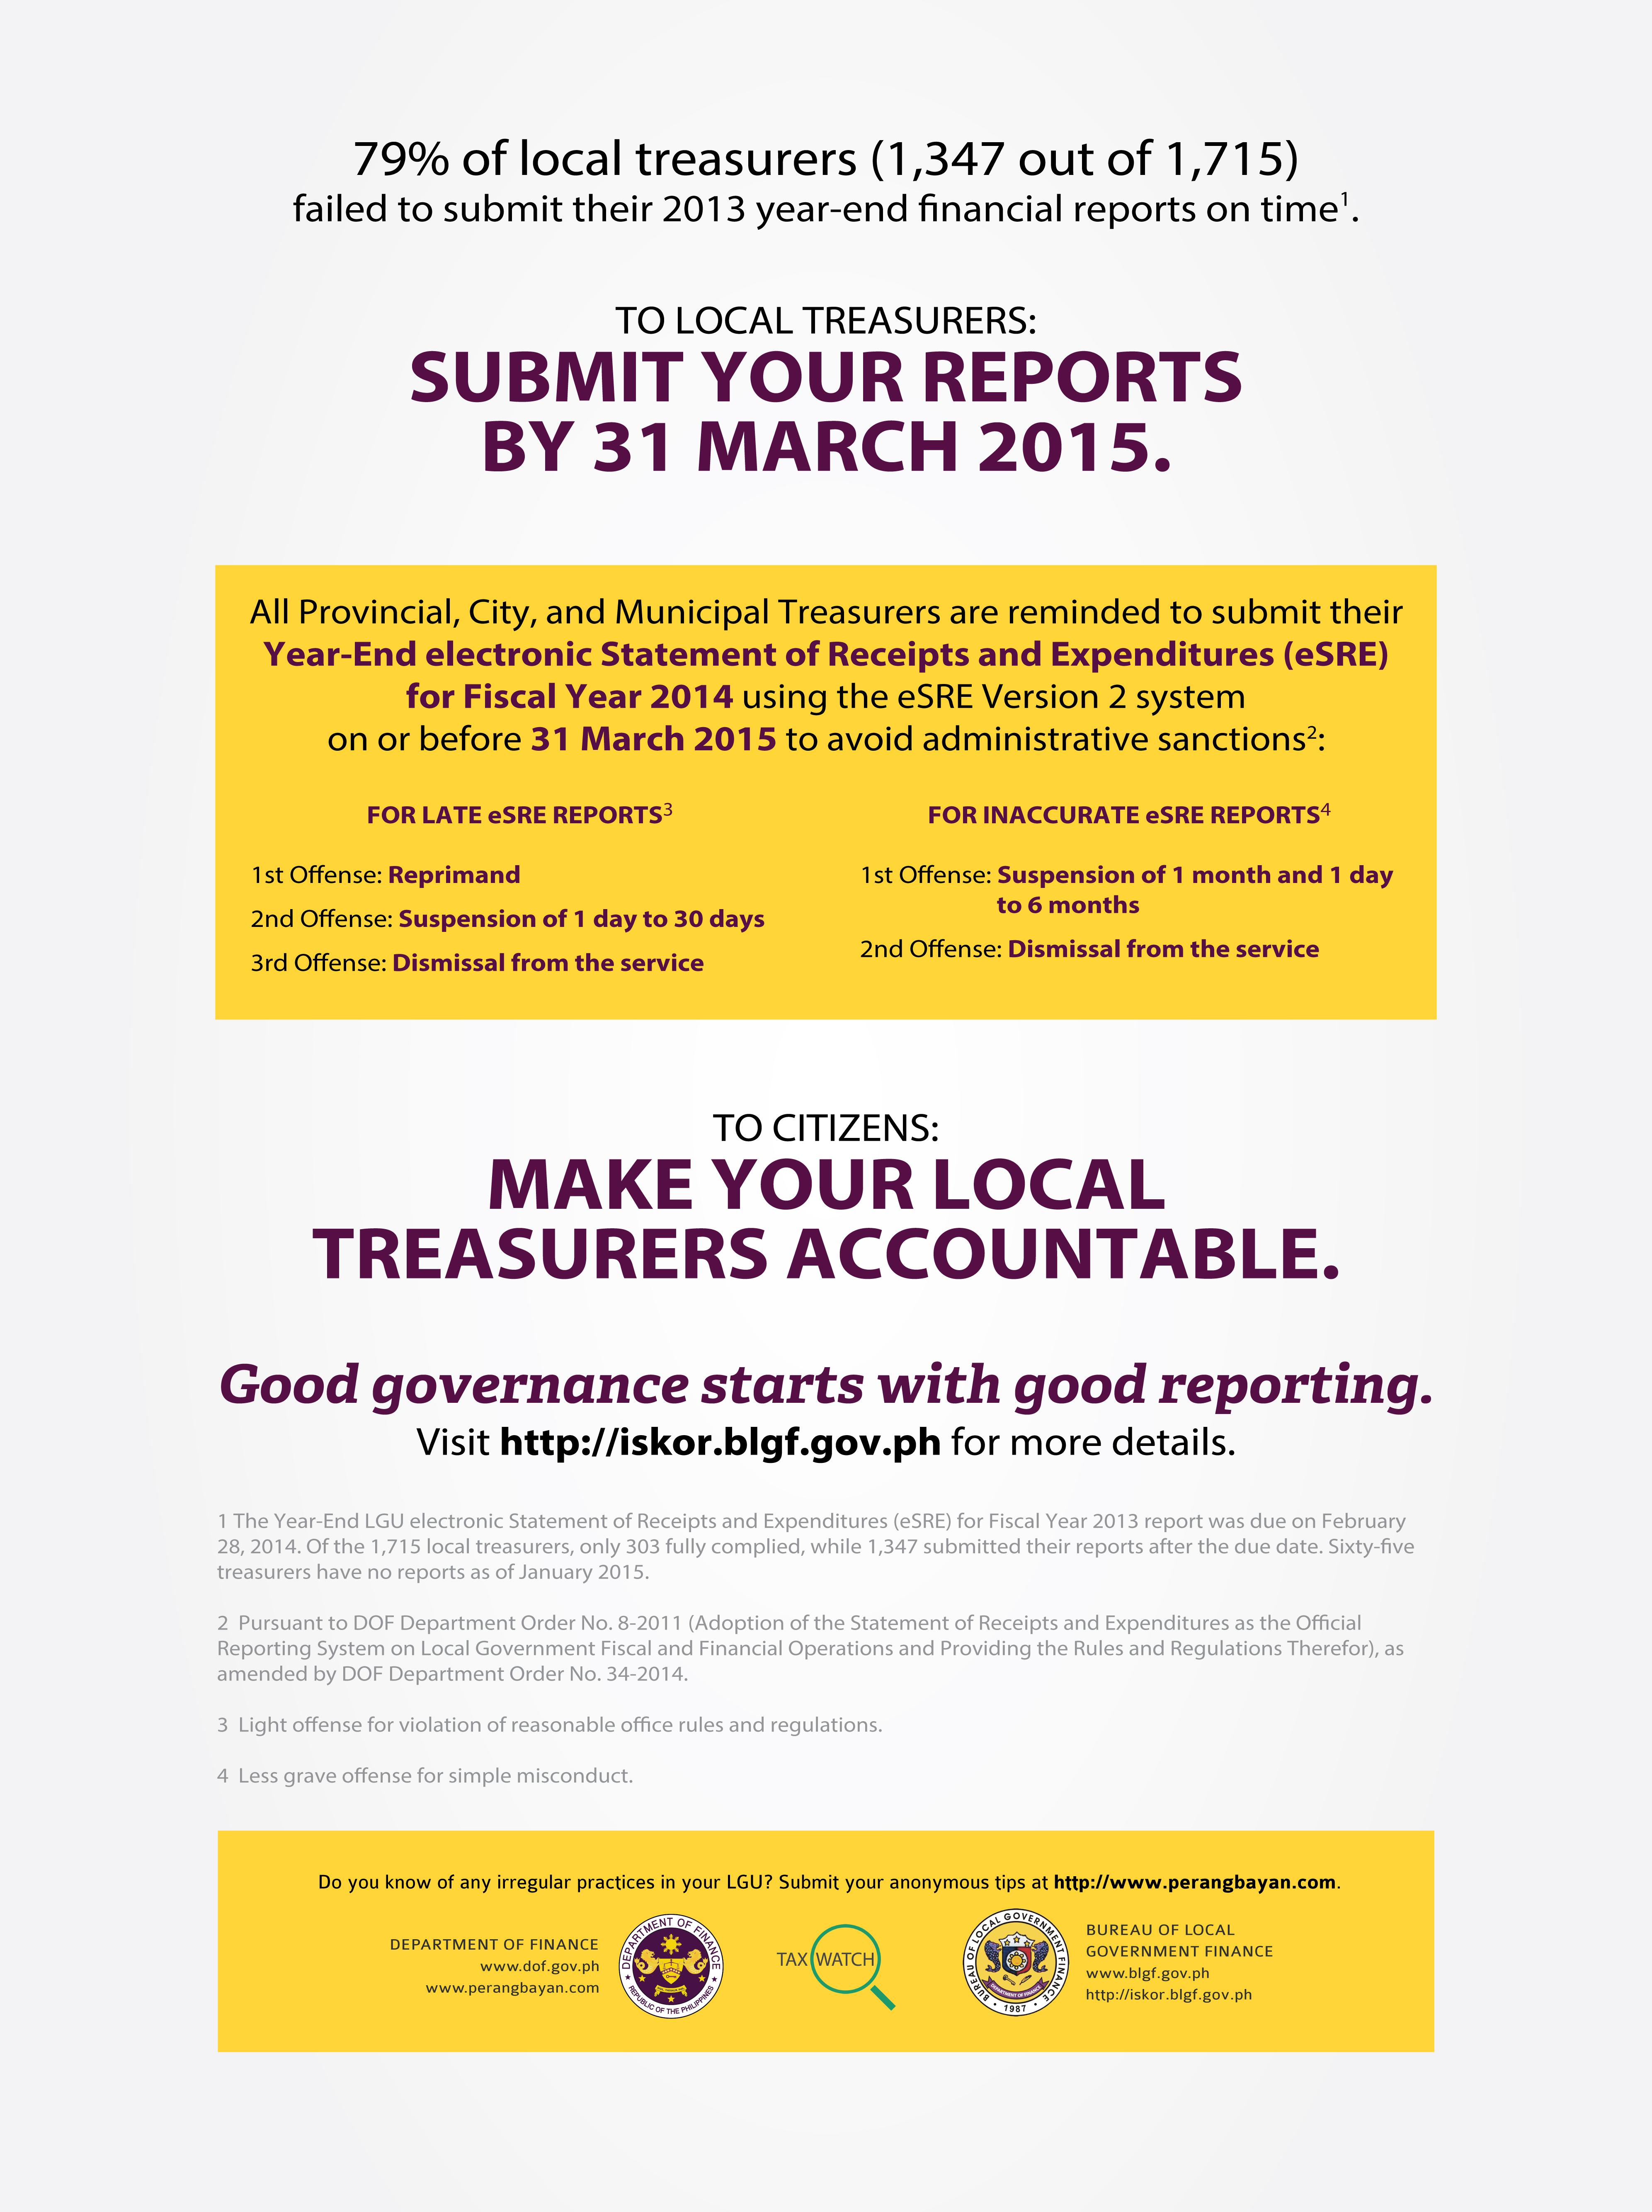 Tax Watch 81 eSRE (web)_032515 - 00